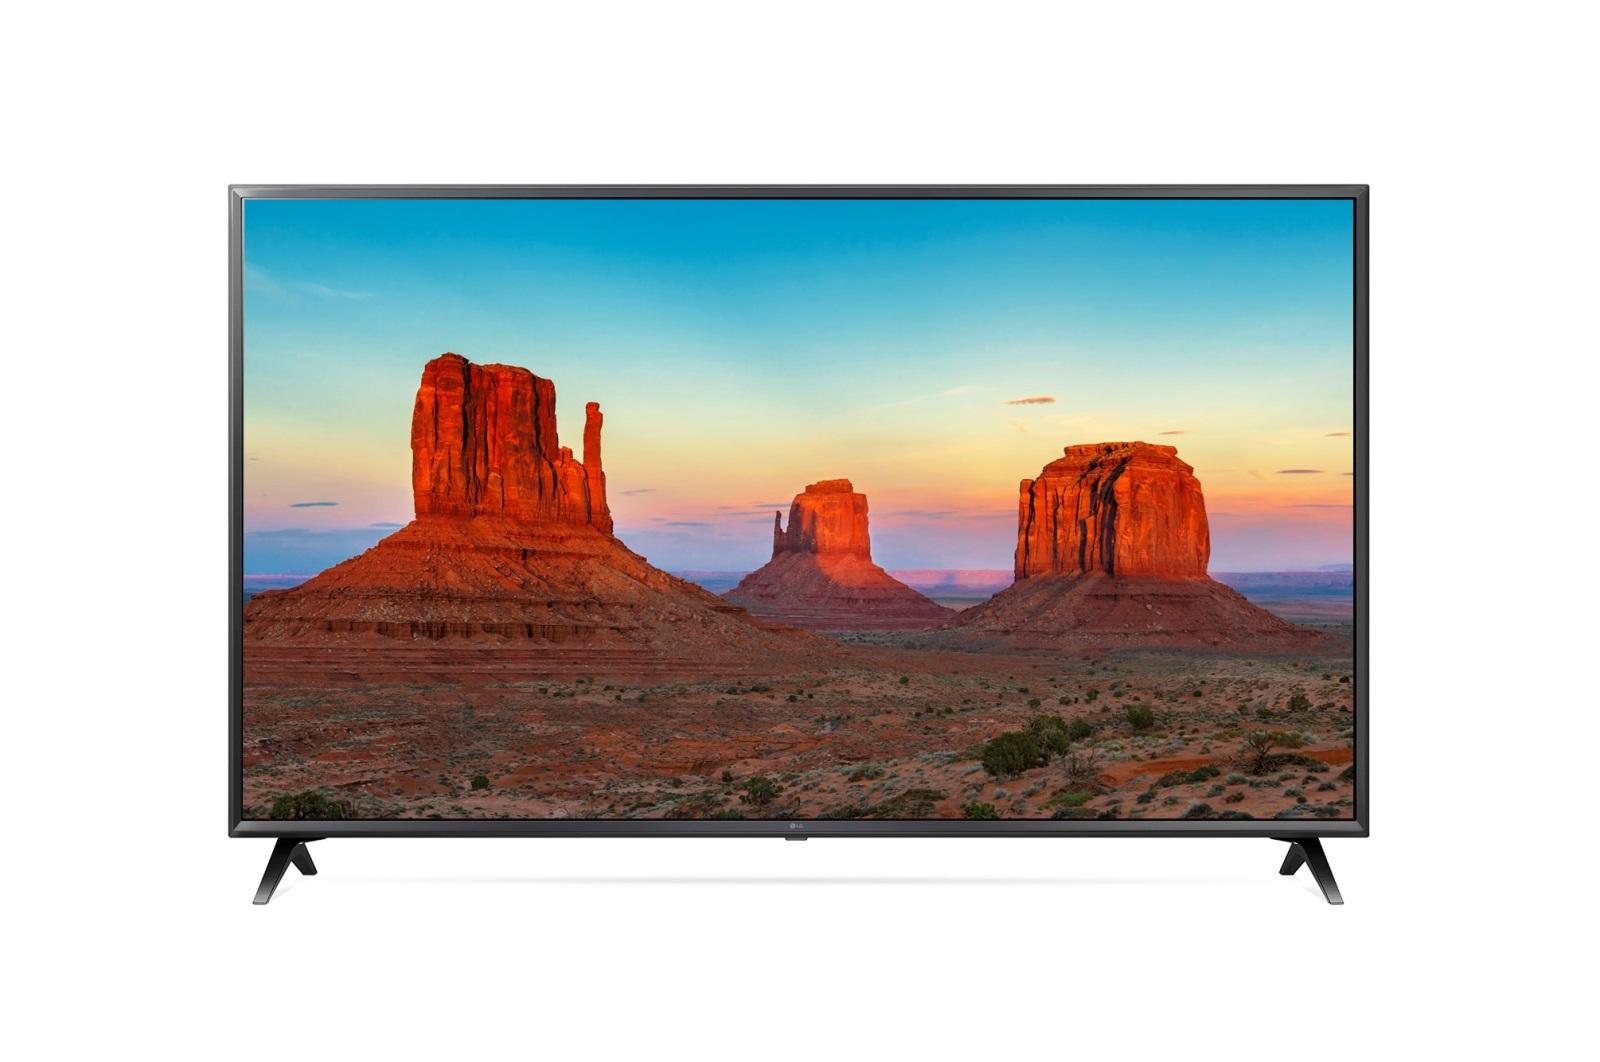 LG 55'' LED TV 55UK6300MLB 4KUHD/DVB-T2/C/S2 SMART